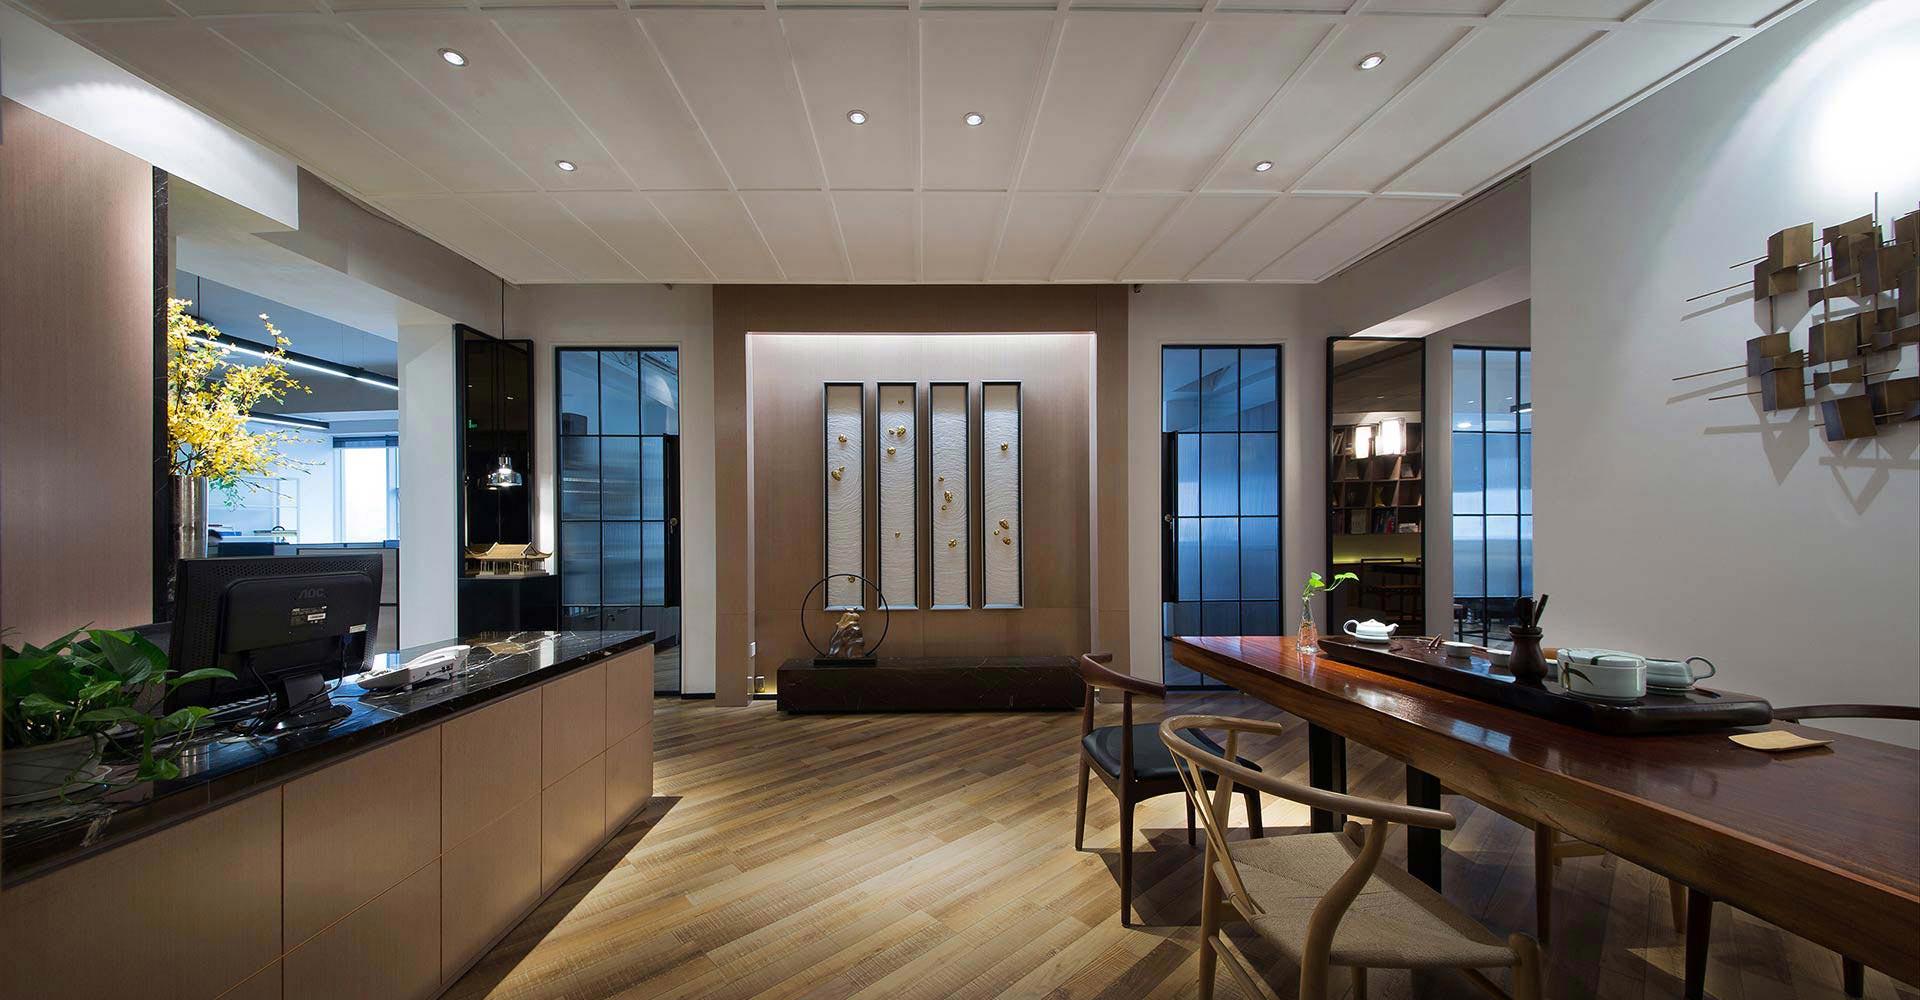 公共办公室设计以白色为主调,整体显得简洁明朗,和谐自然,具有灵动而